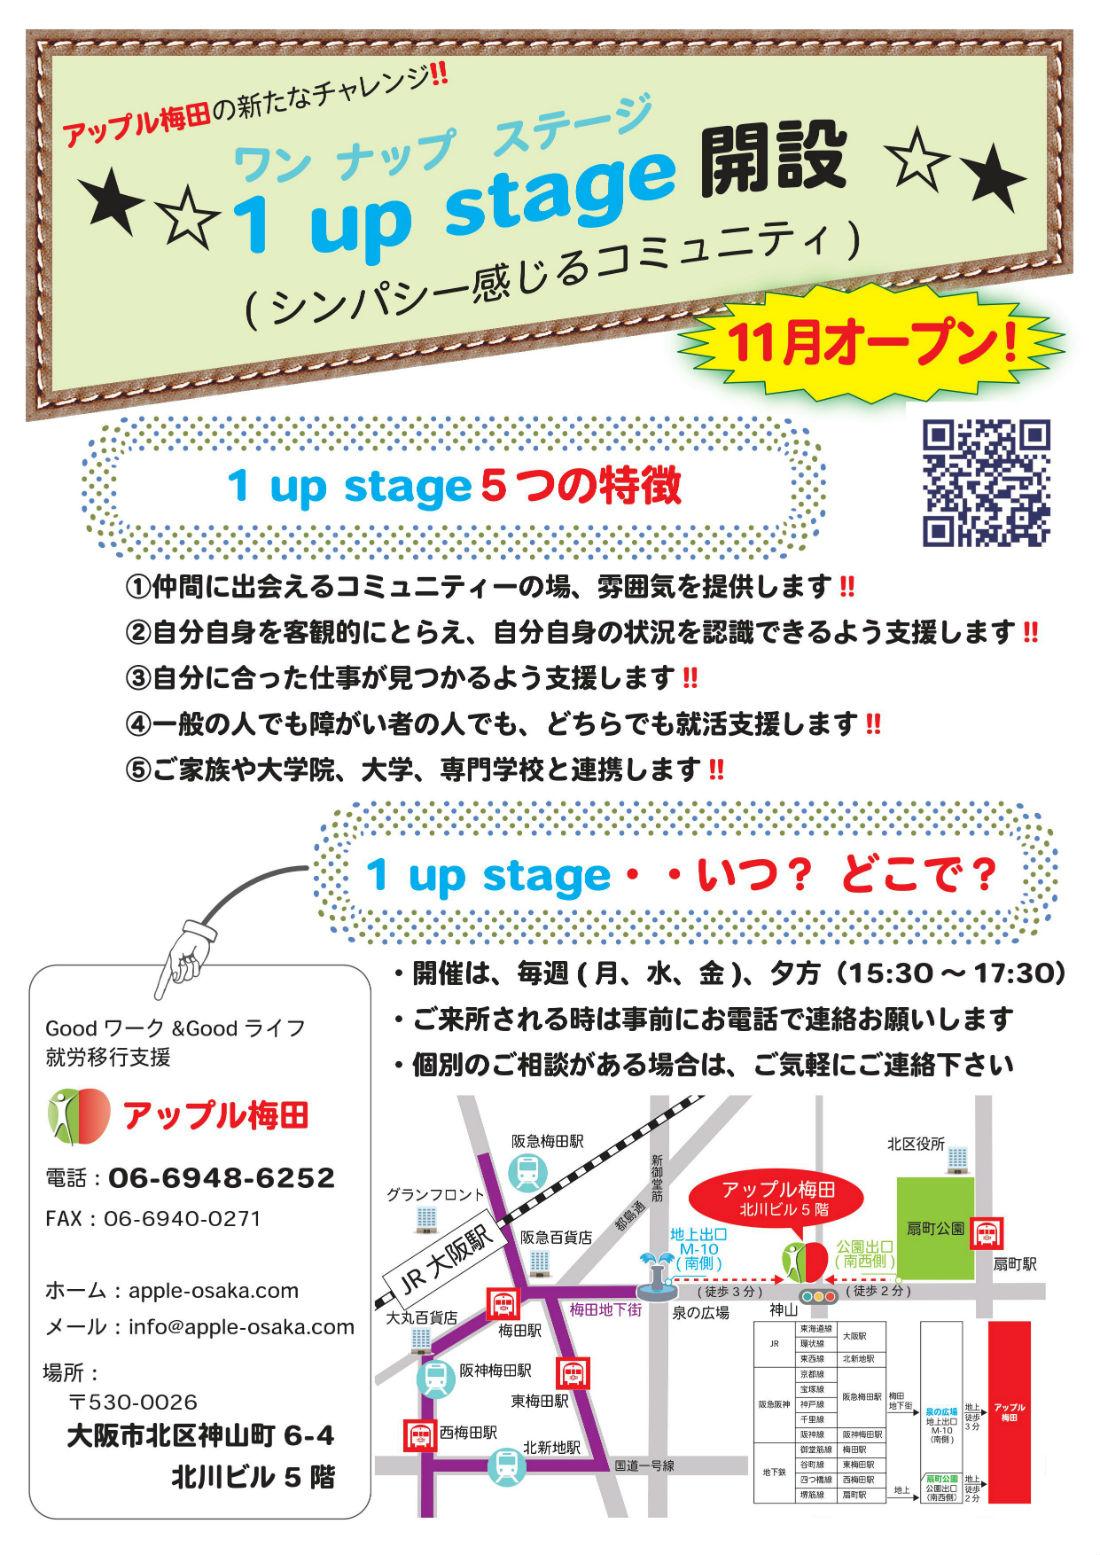 【学生支援】ワンナップステージ開設のお知らせ